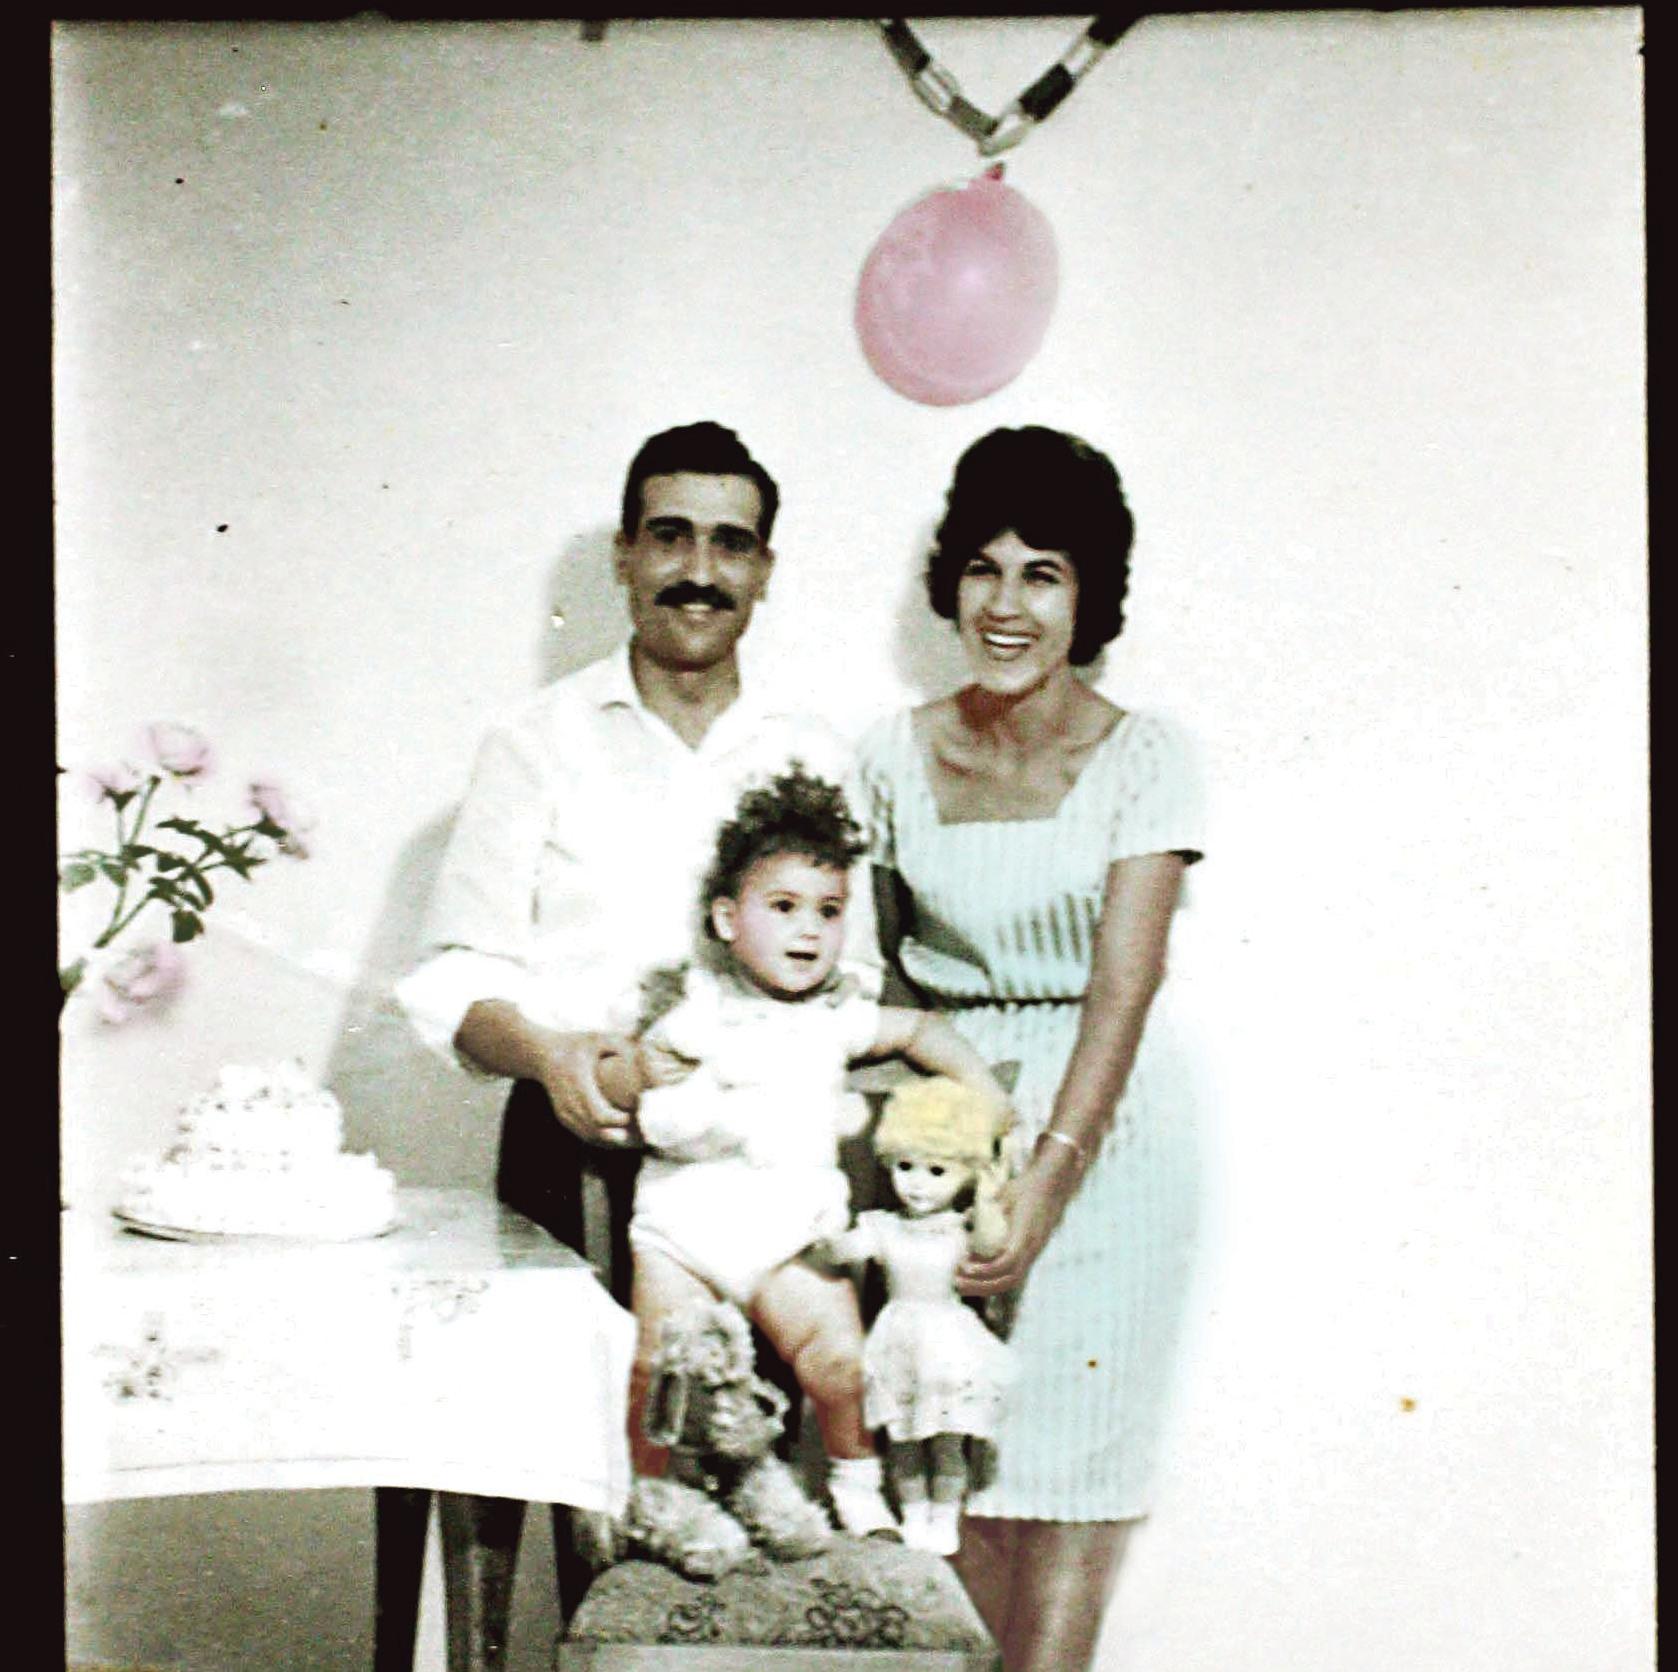 כהן עם אשתו נאדיה ובתם הבכורה סופי, באחת מהגיחות שלו לארץ. המכתבים למשפחה נכתבו מראש